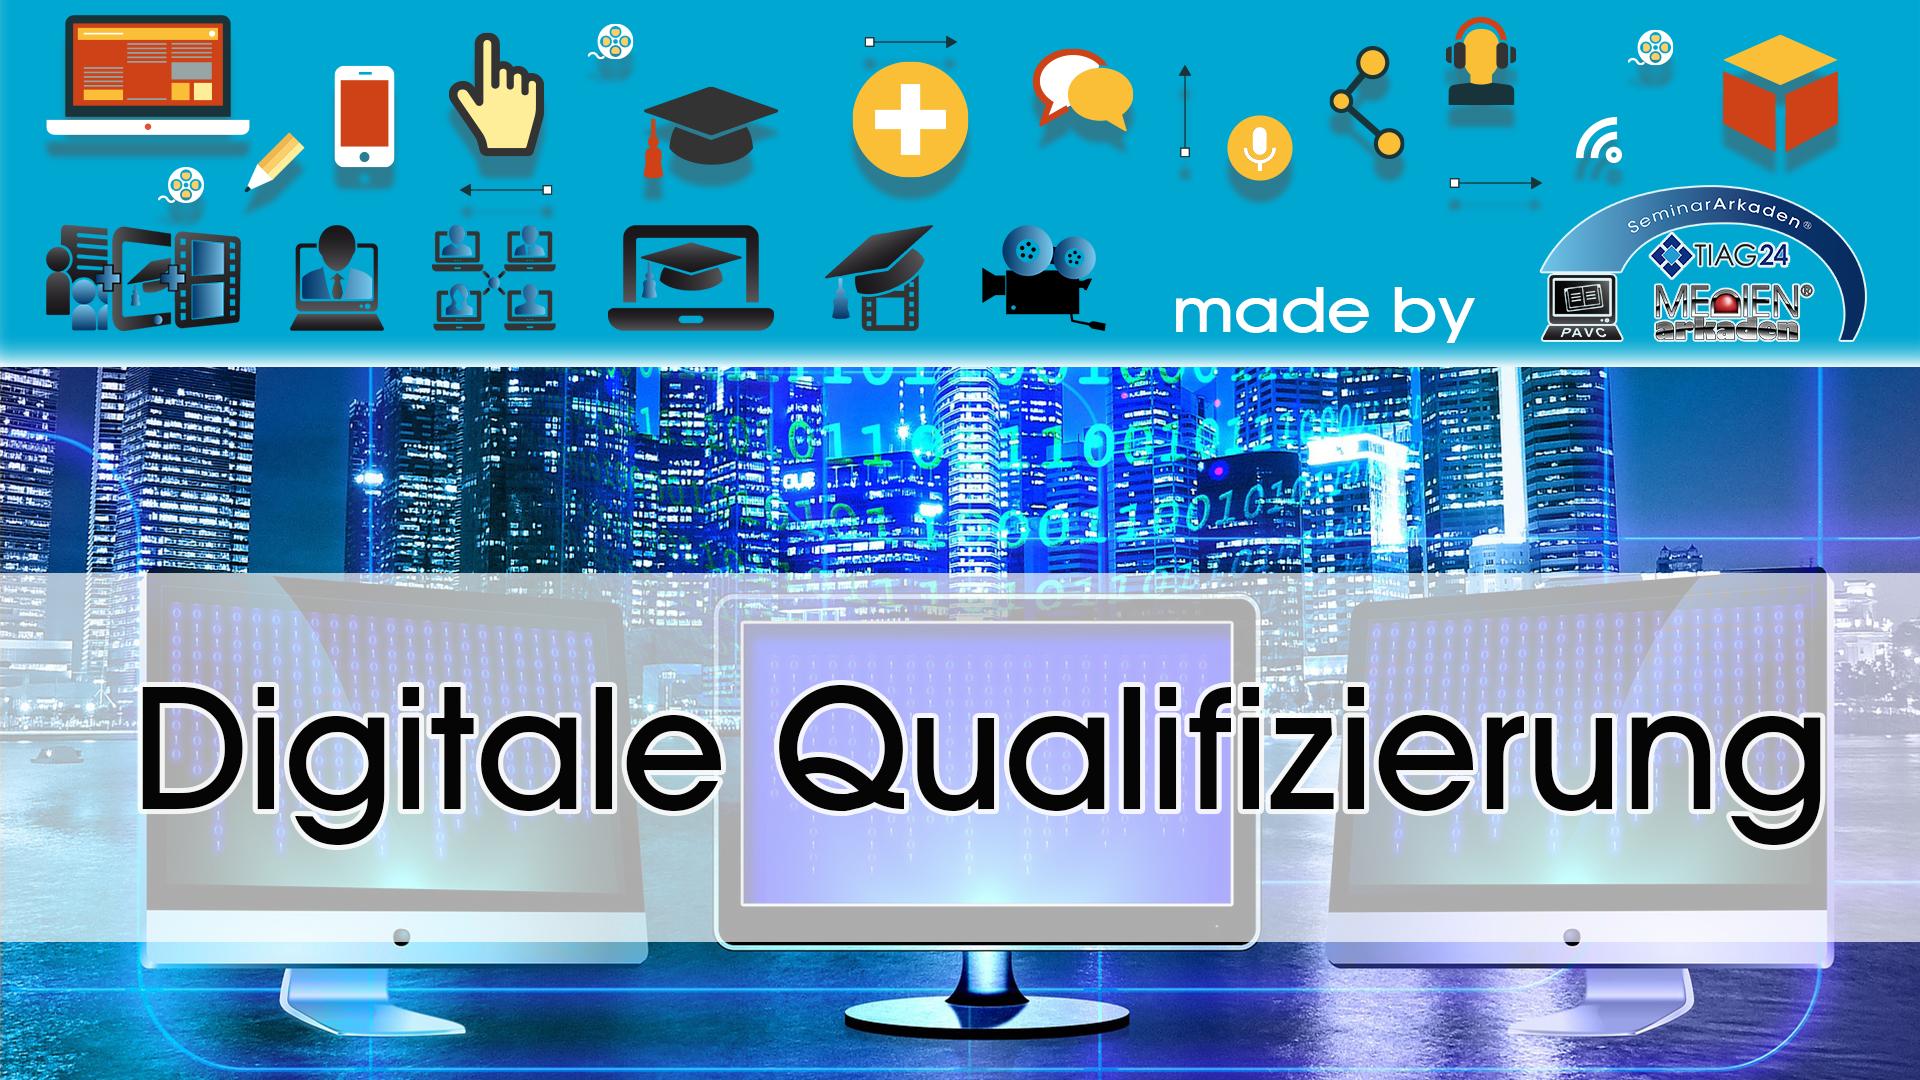 Digitale Qualifizierung